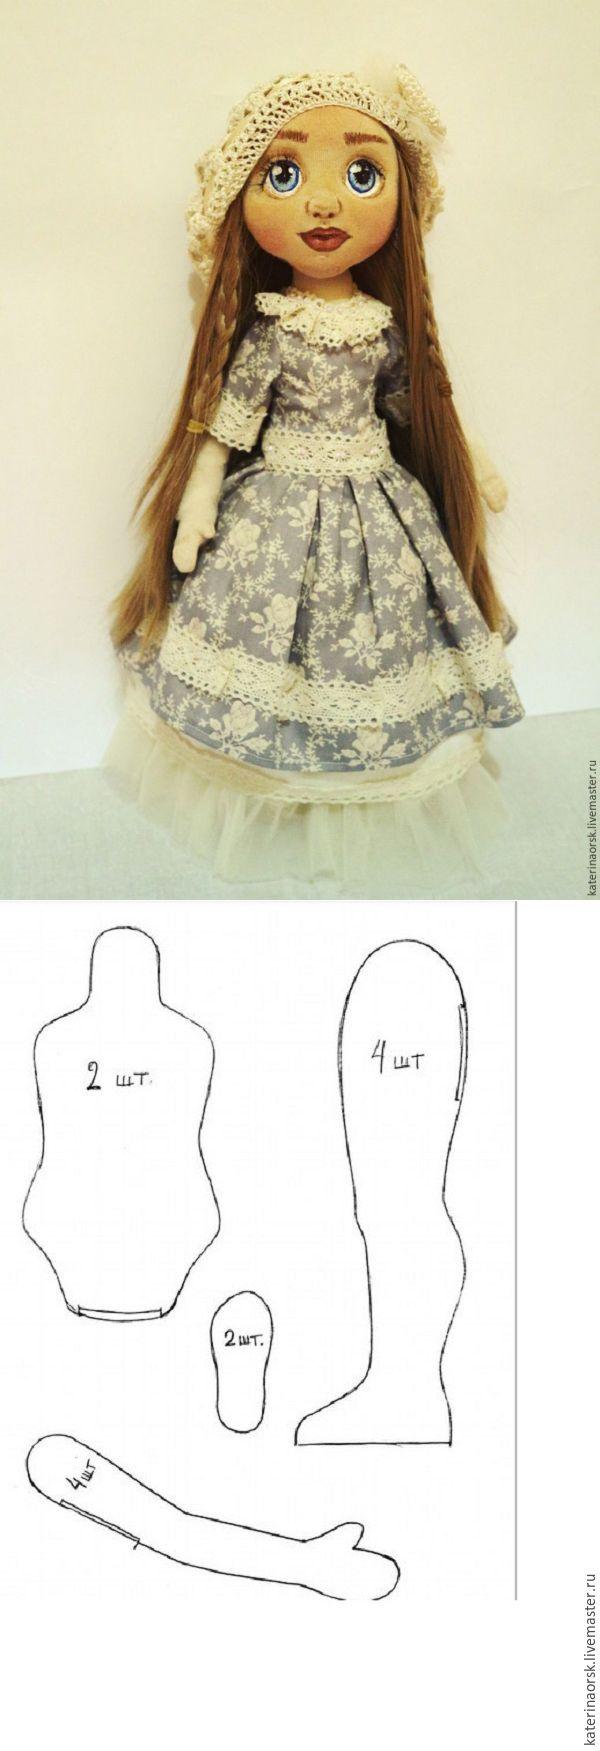 Surround yüzü ile dikiş tekstil bebek. Bölüm 1 - Adil Masters - el yapımı, el yapımı